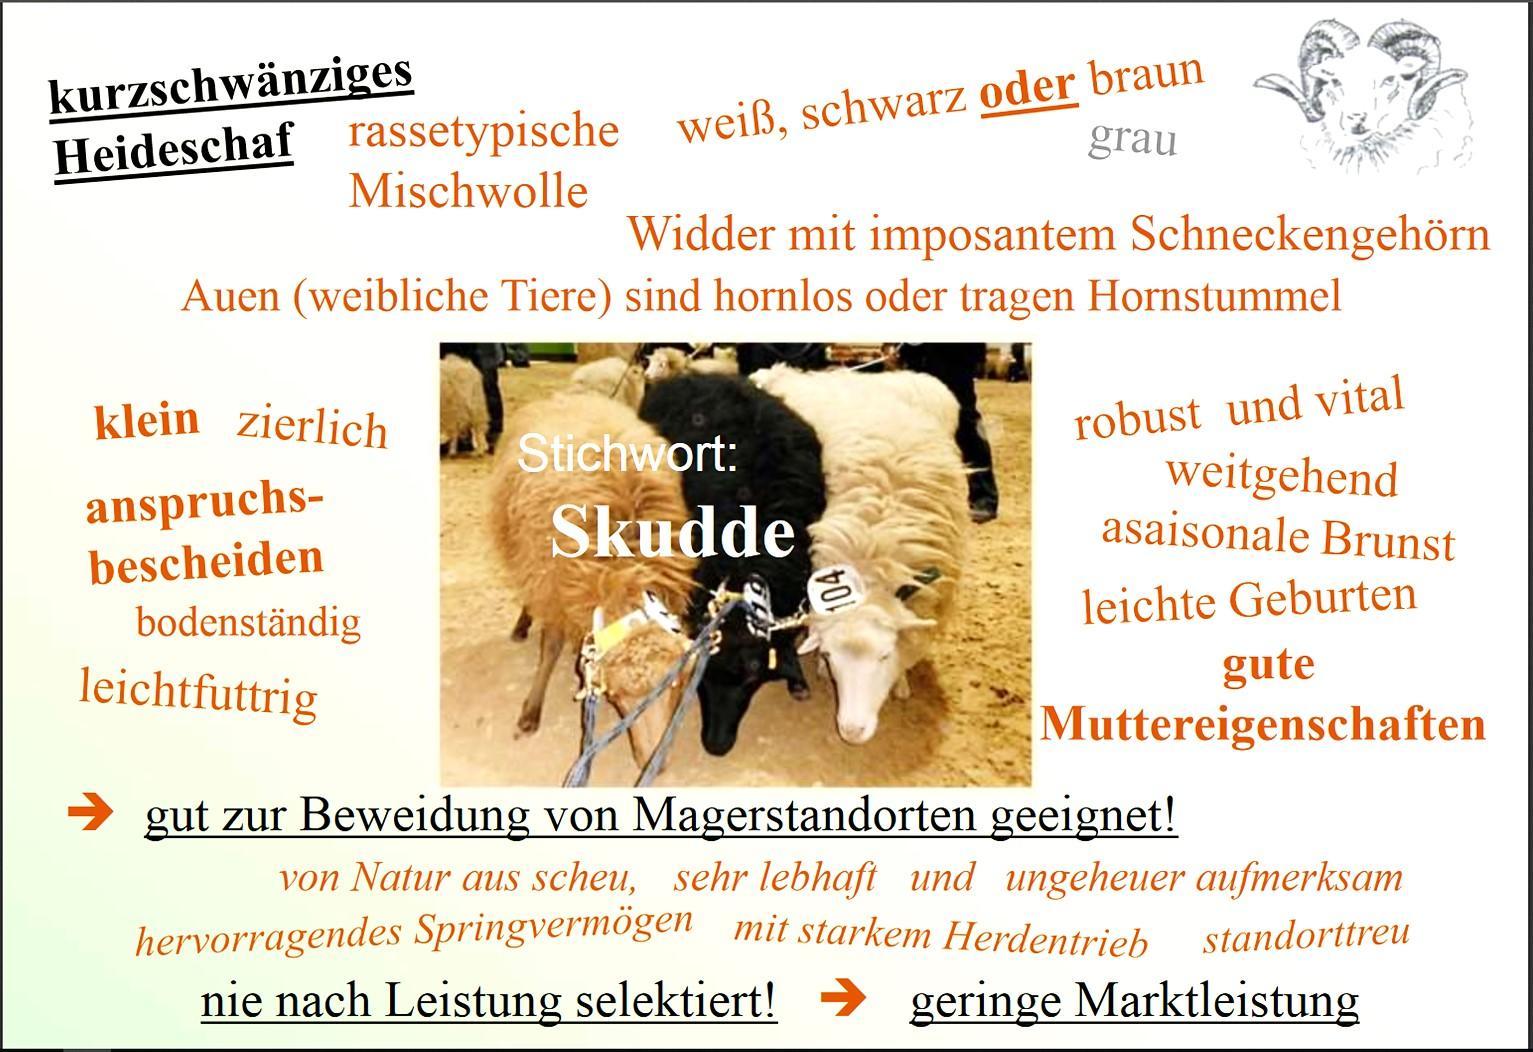 Christoph Behling Stichwort Skudde